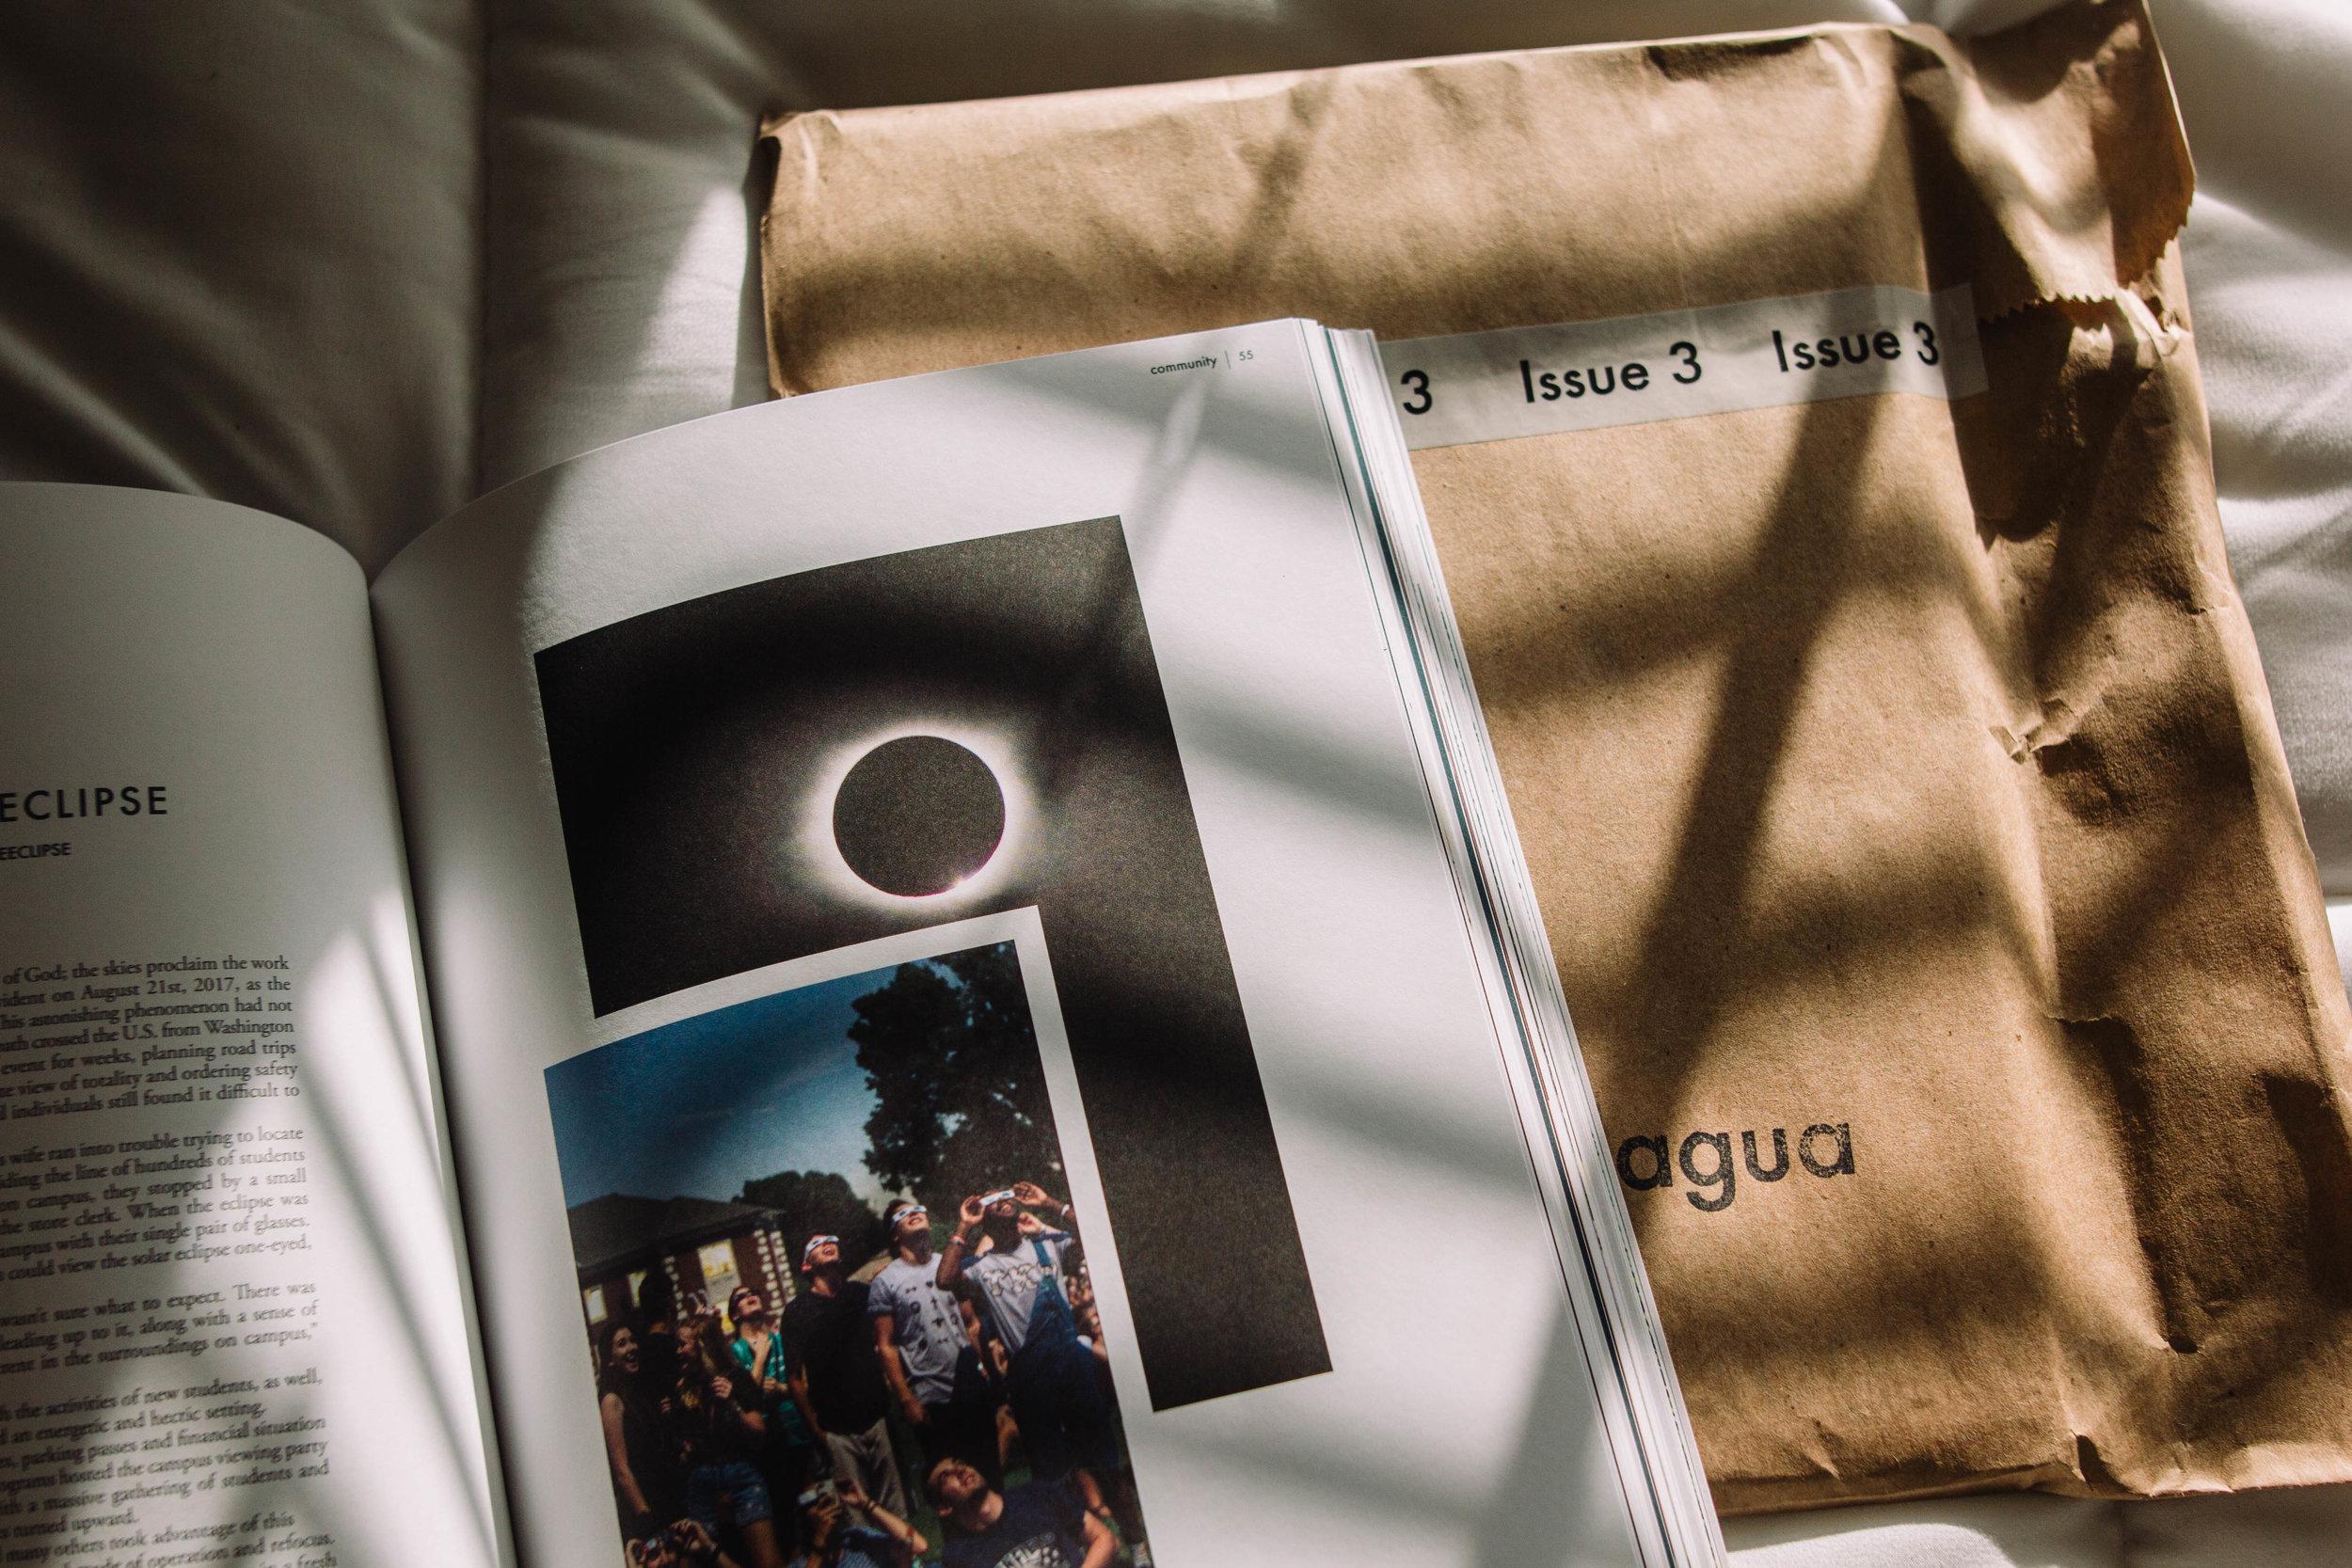 vindagua day-1-36.jpg